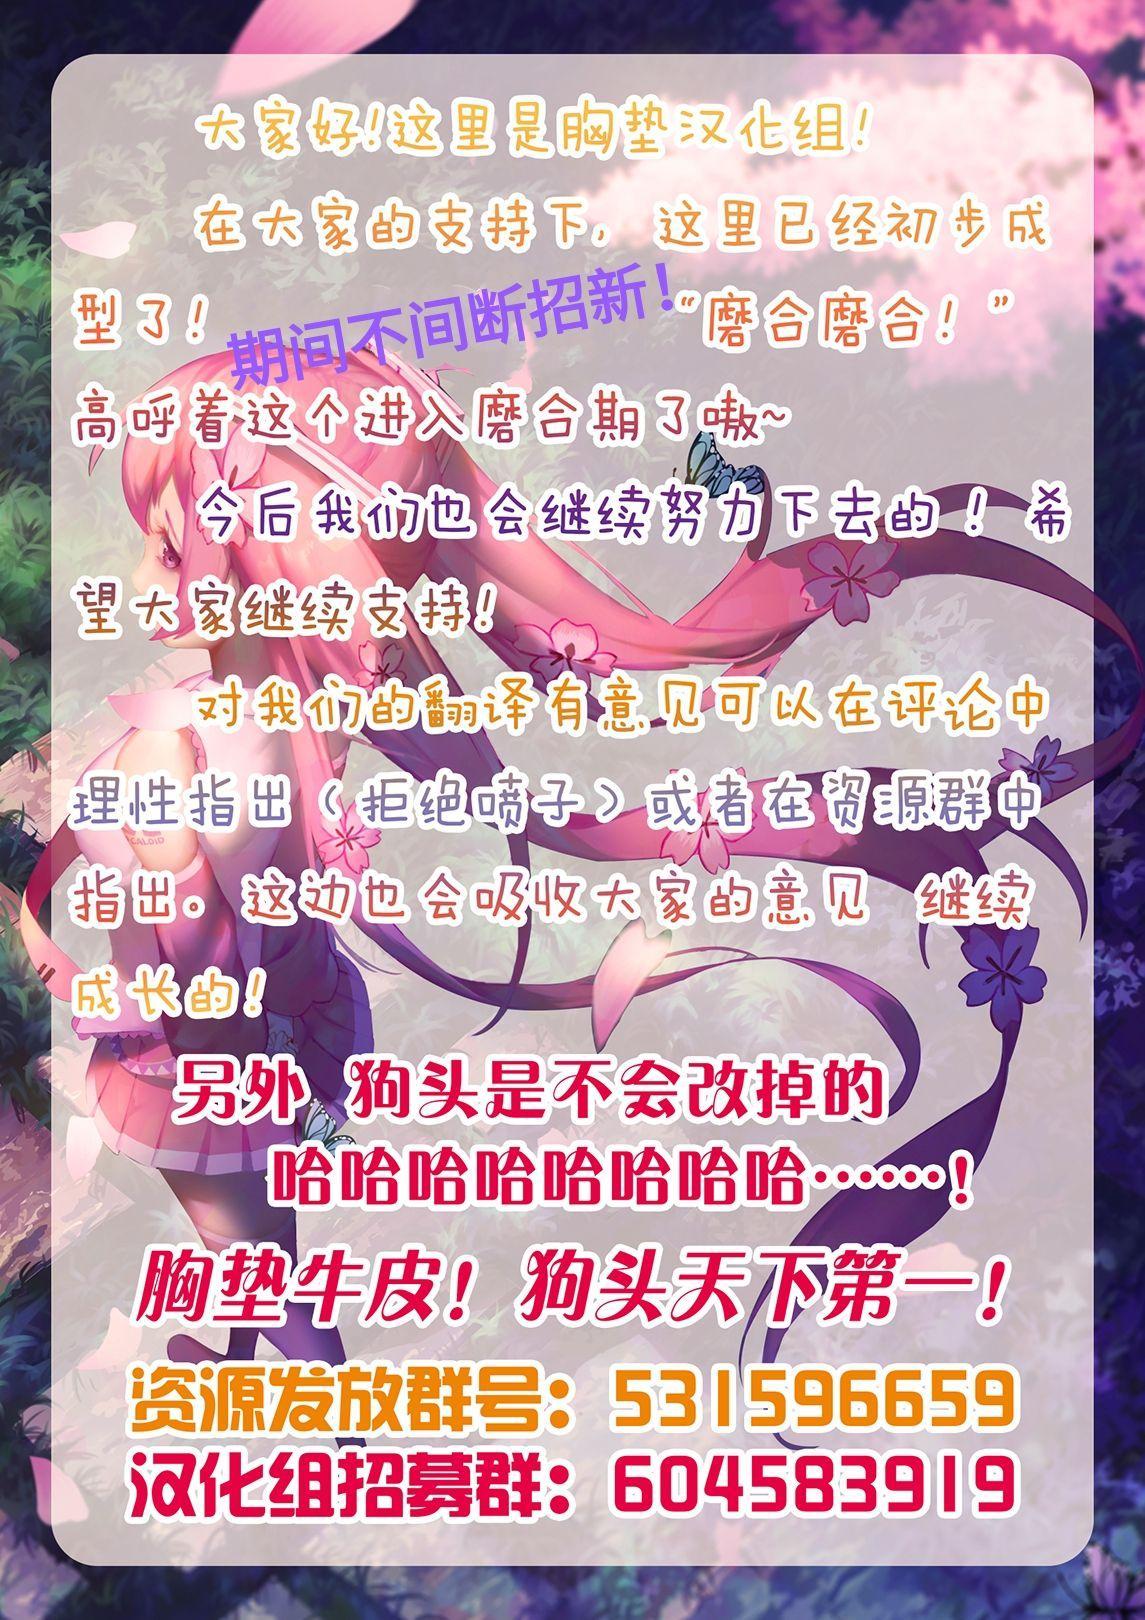 Ryoujoku no Houkago 26